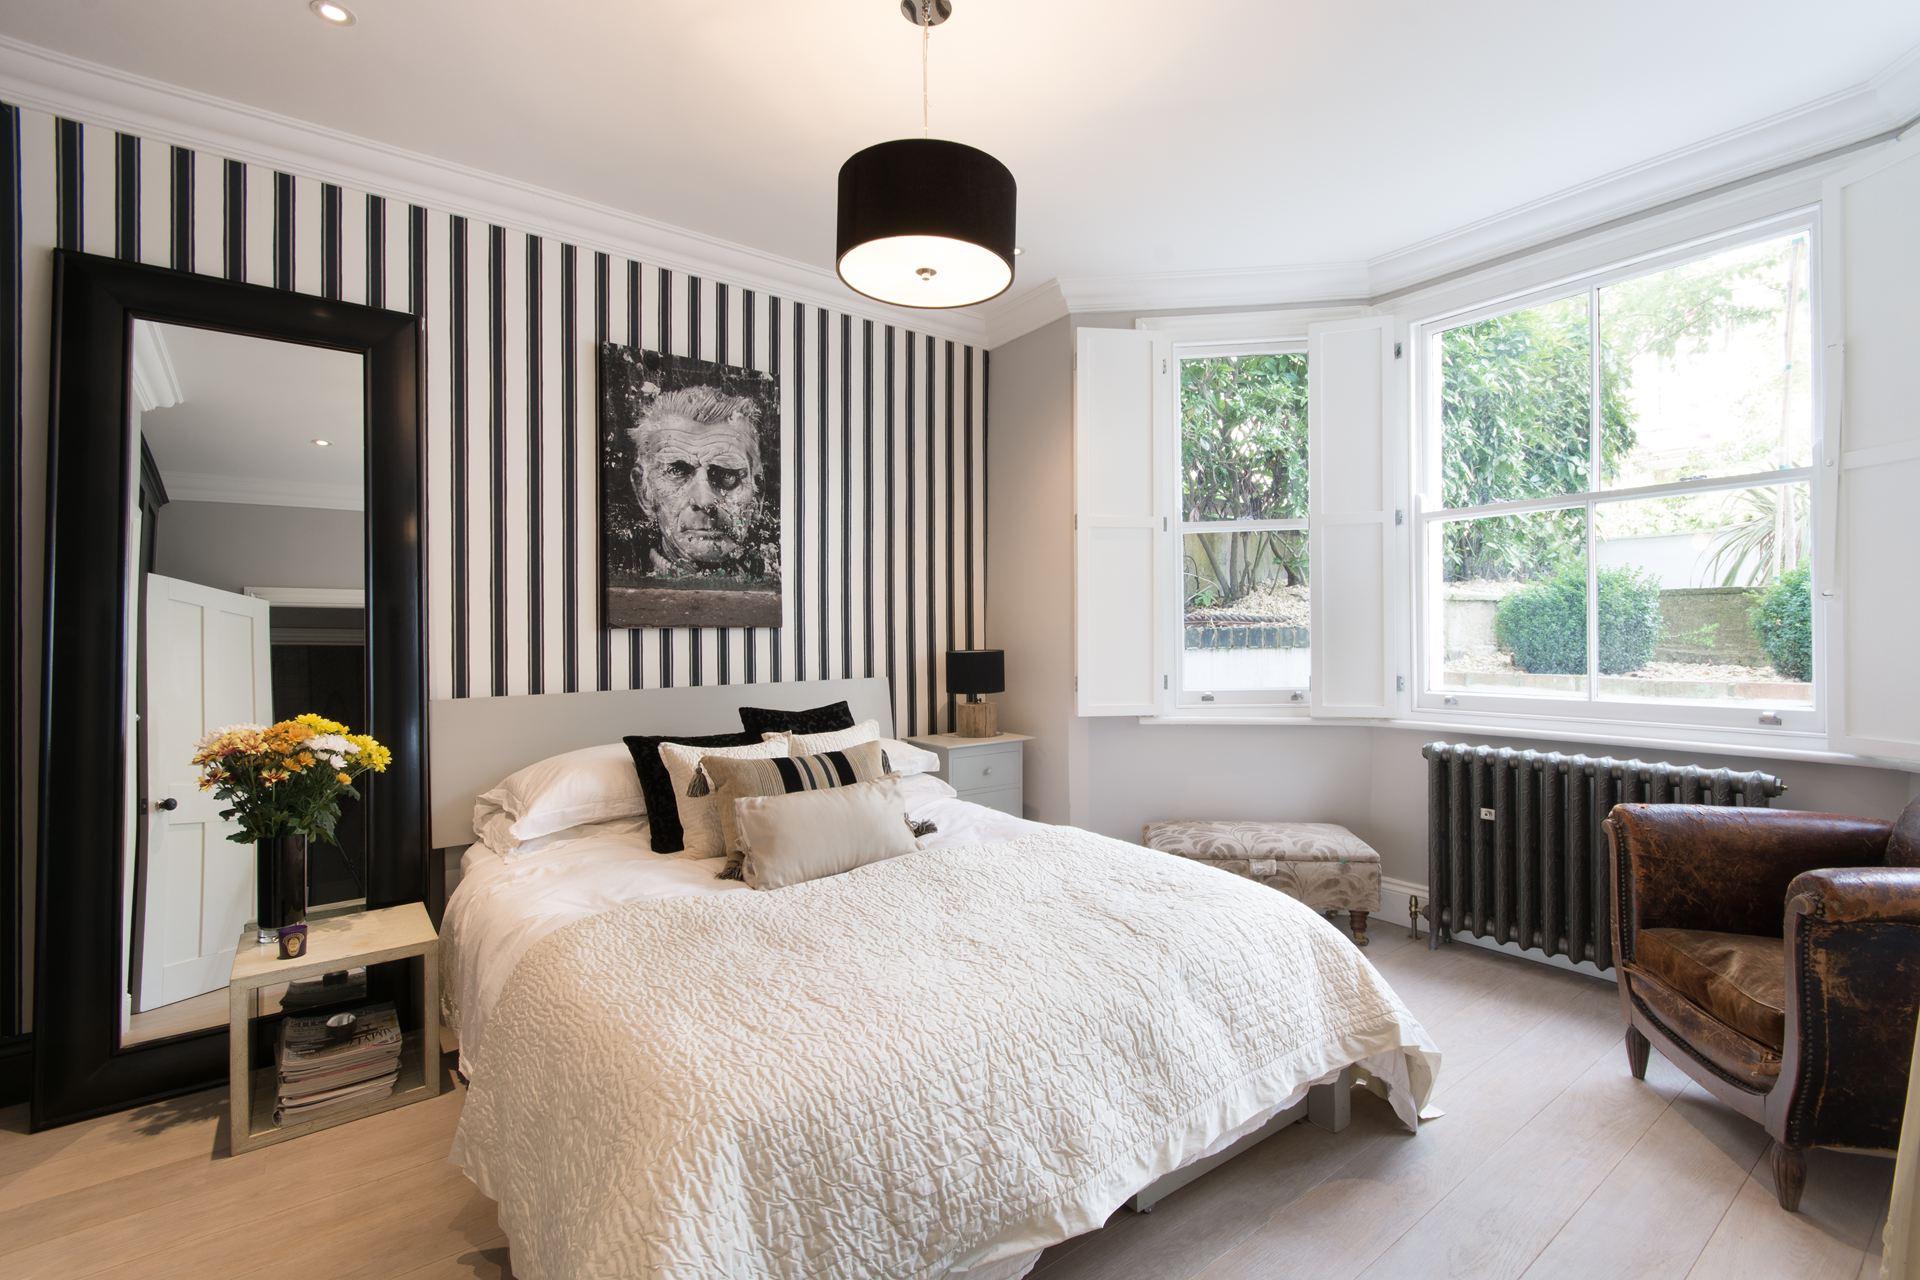 спальня кровать напольное зеркало эркер радиатор обои полоска